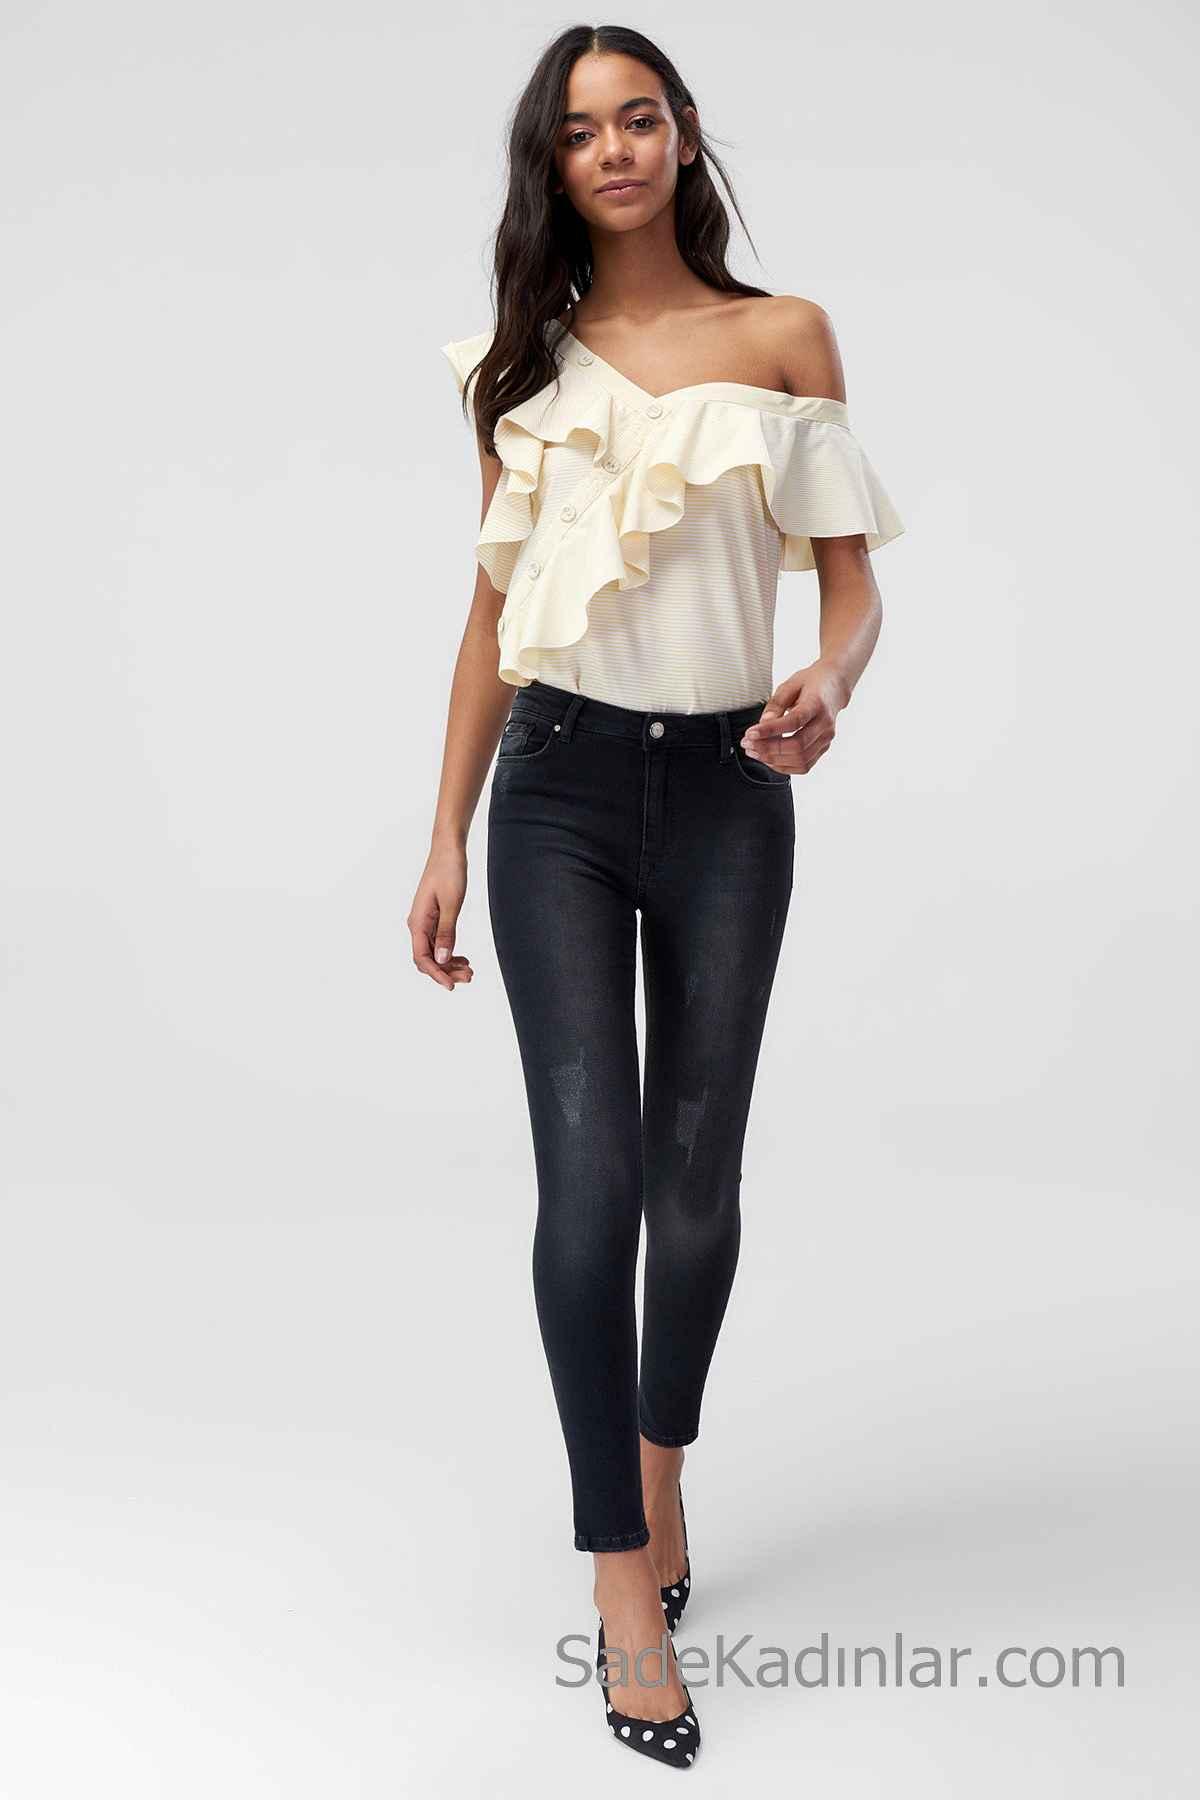 Pantolon Kombinleri Siyah Dar Kesim Pantolon Sarı Geniş V Yakalı Fırfırlı Düğme Detaylı Gömlek